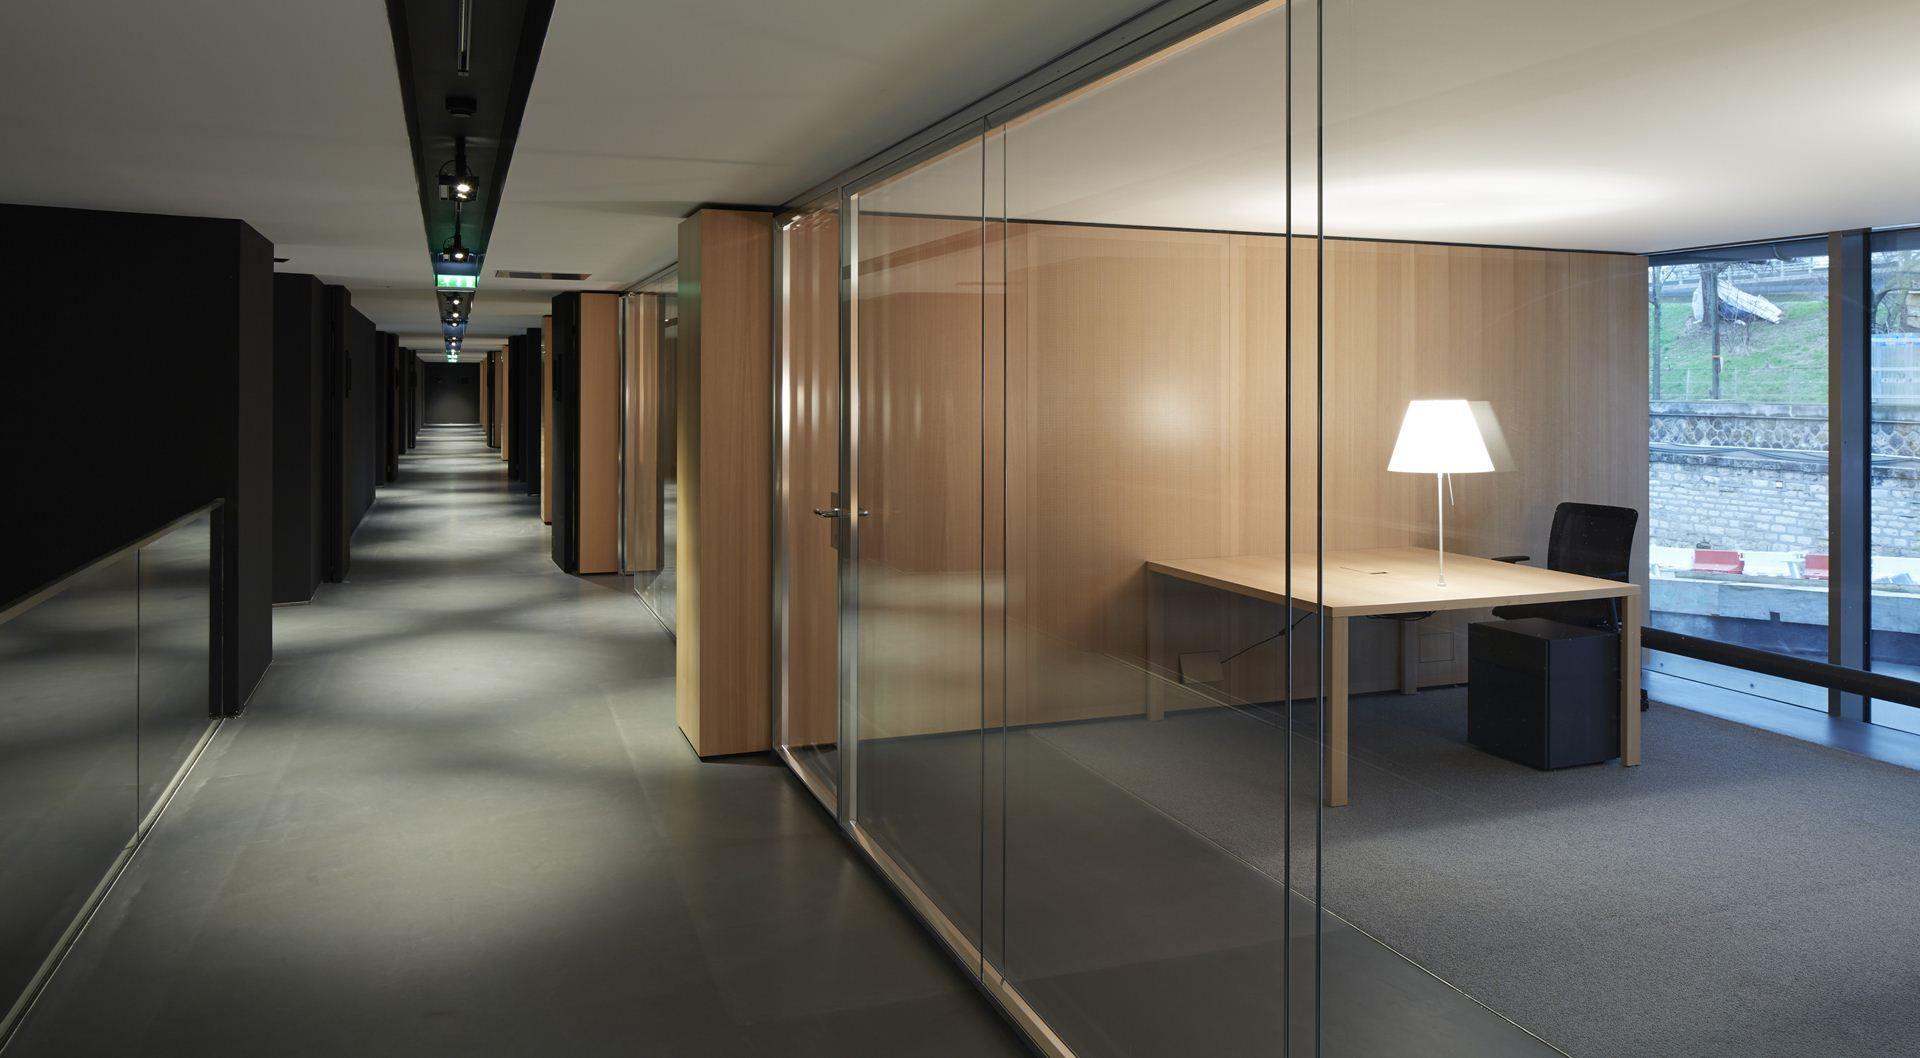 Unifor arredo ufficio parete ap sedie per ufficio for Design ufficio srl